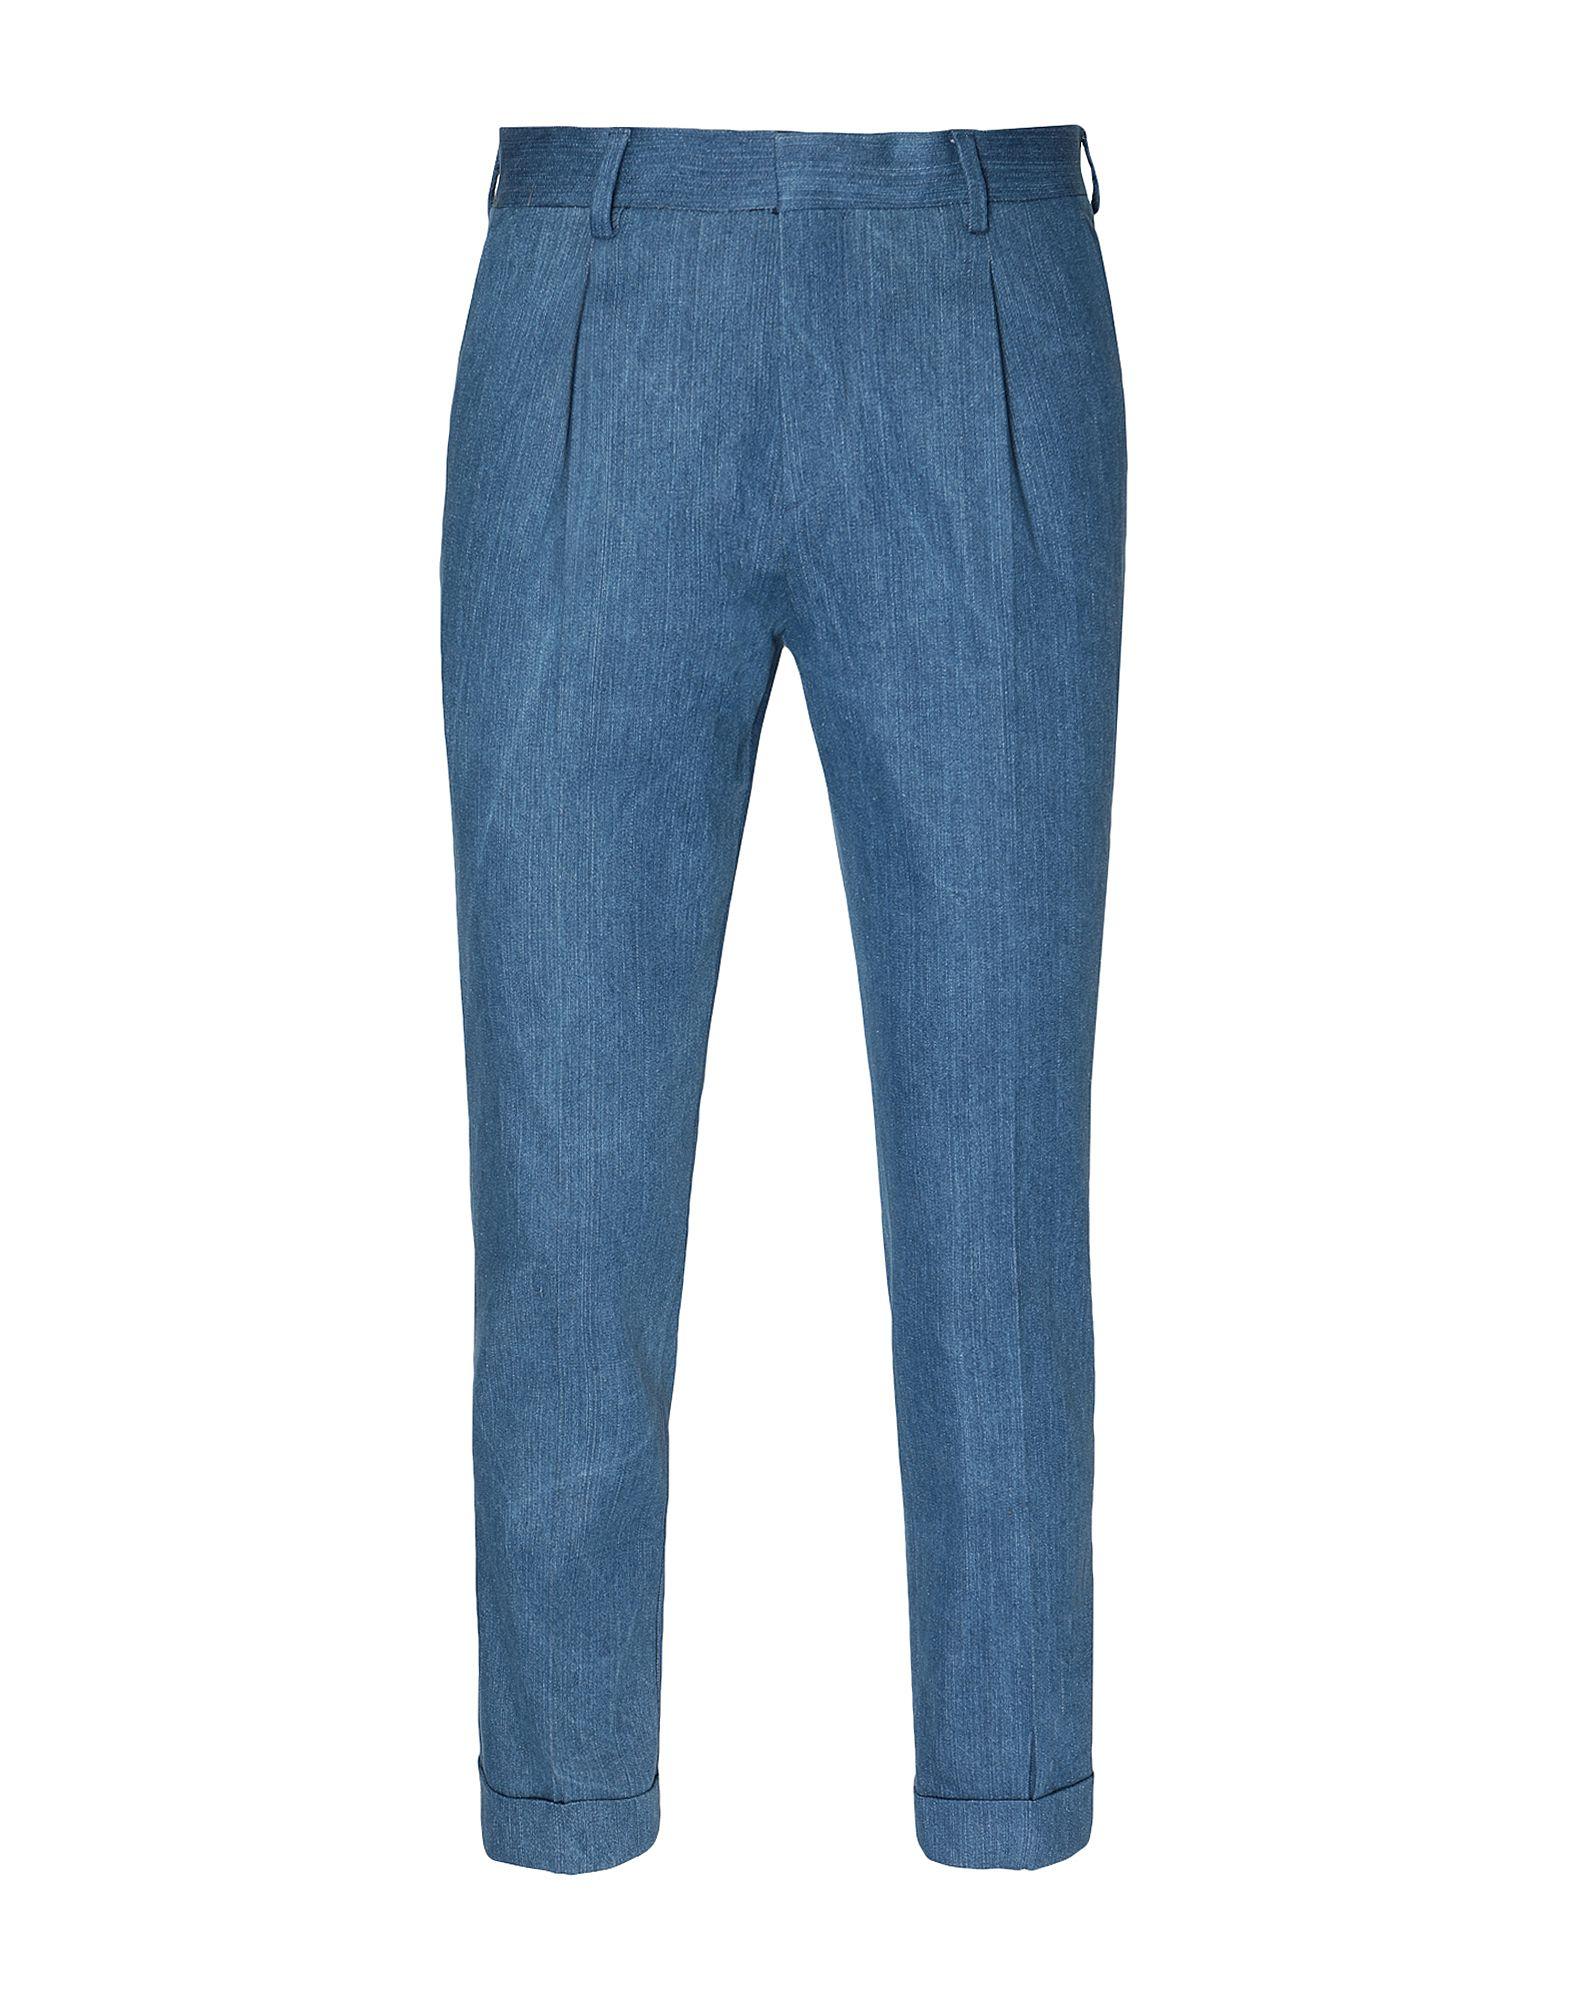 детские джинсовые кеды купить